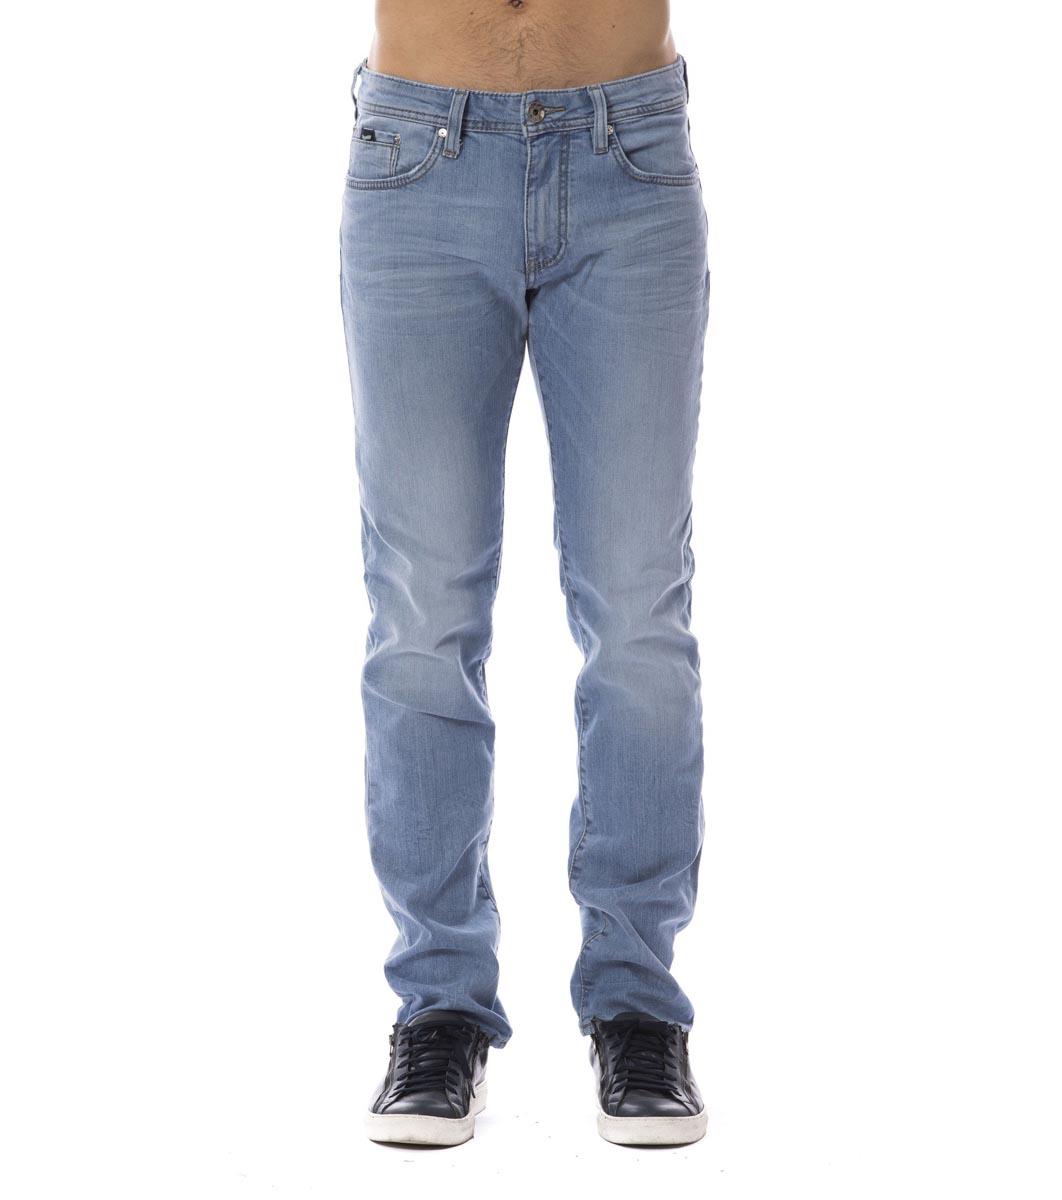 86e2223591d Светлосини памучни мъжки дънки Lenny - 2385396 - Fashion Supreme.co.uk